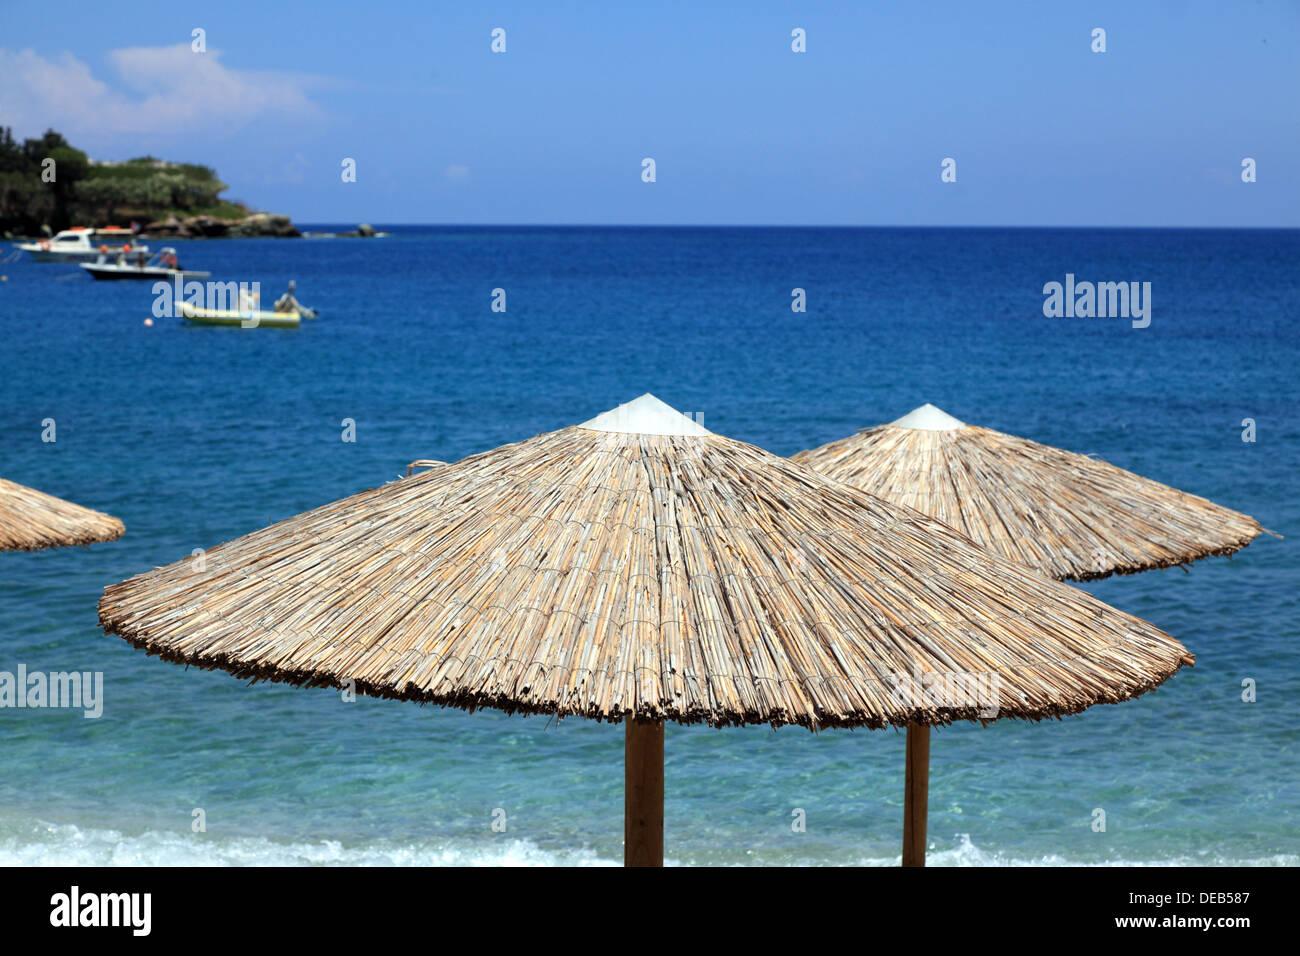 Straw umbrella on the beach. Agia Pelagia town, Crete Island, Greece - Stock Image